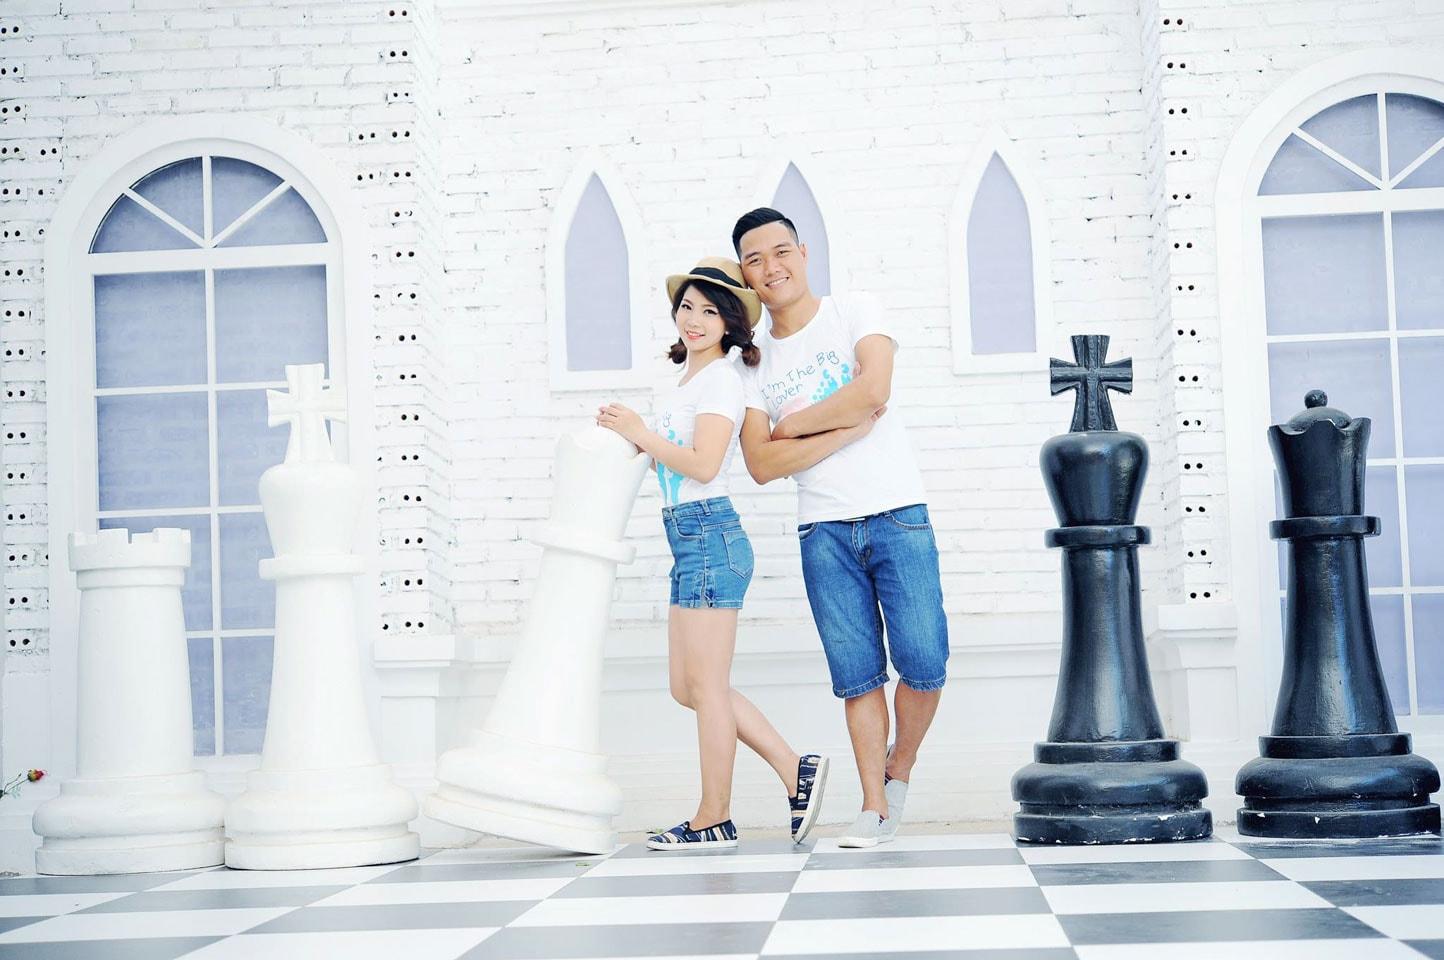 GOADESIGN Thiết Kế Phim Trường Amor Đồng Nai (48)